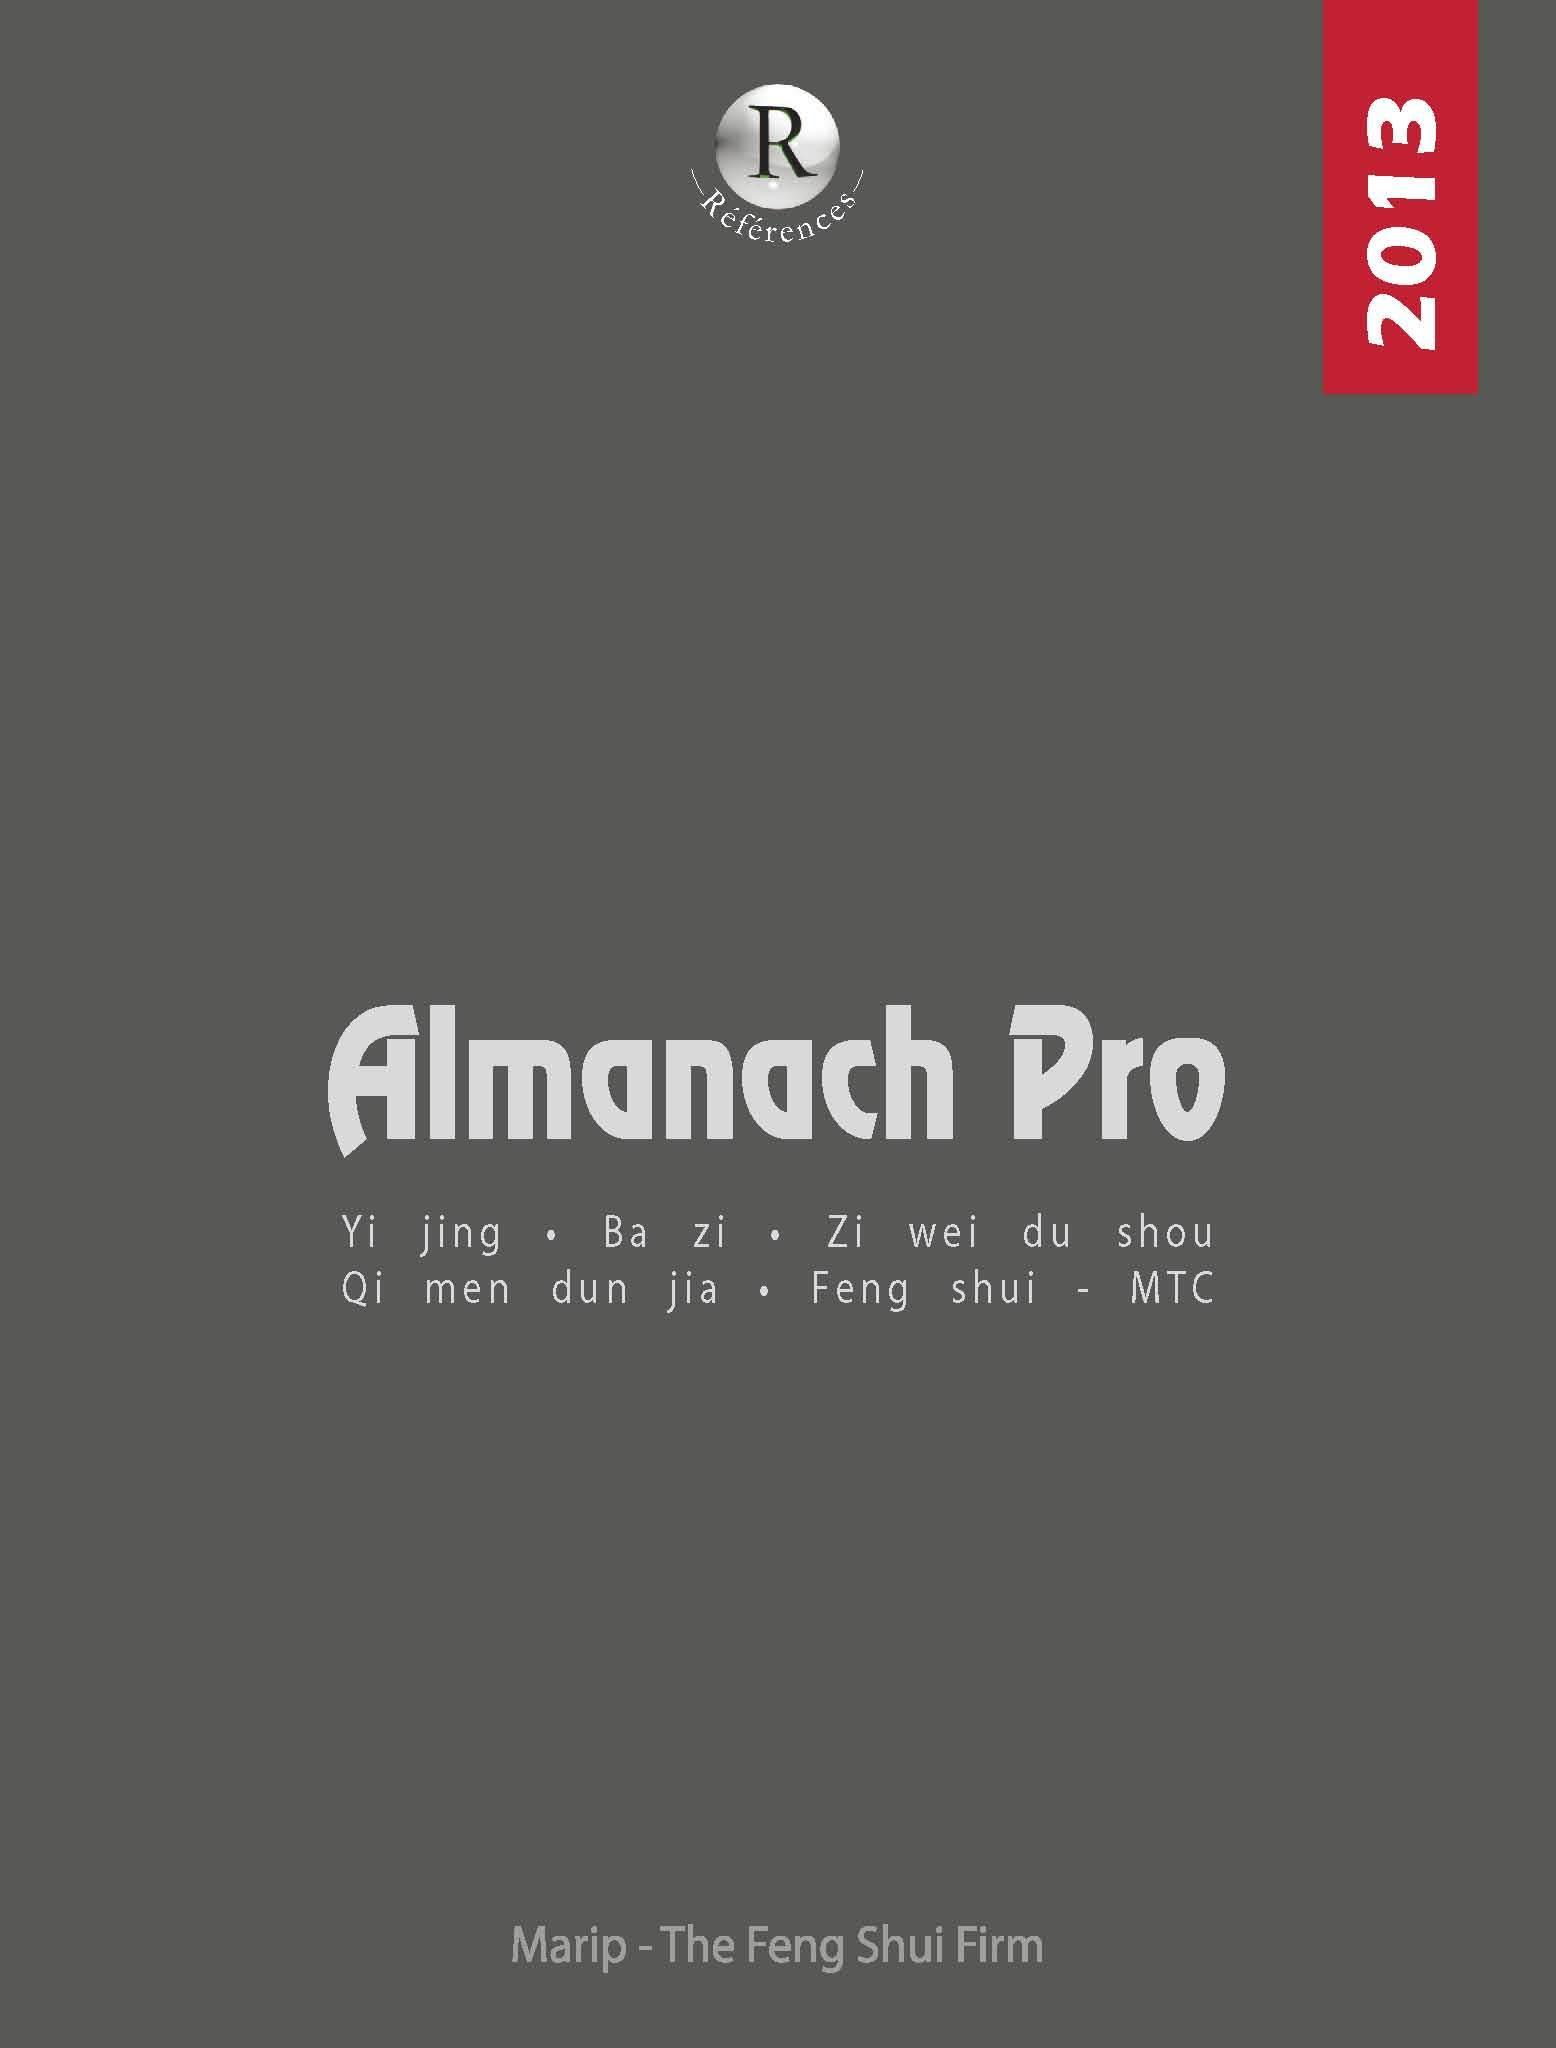 L'ALMANACH PRO 2013 -  CALENDRIER CHINOIS TONG SHU, FENG SHUI, BAZI, YI JING